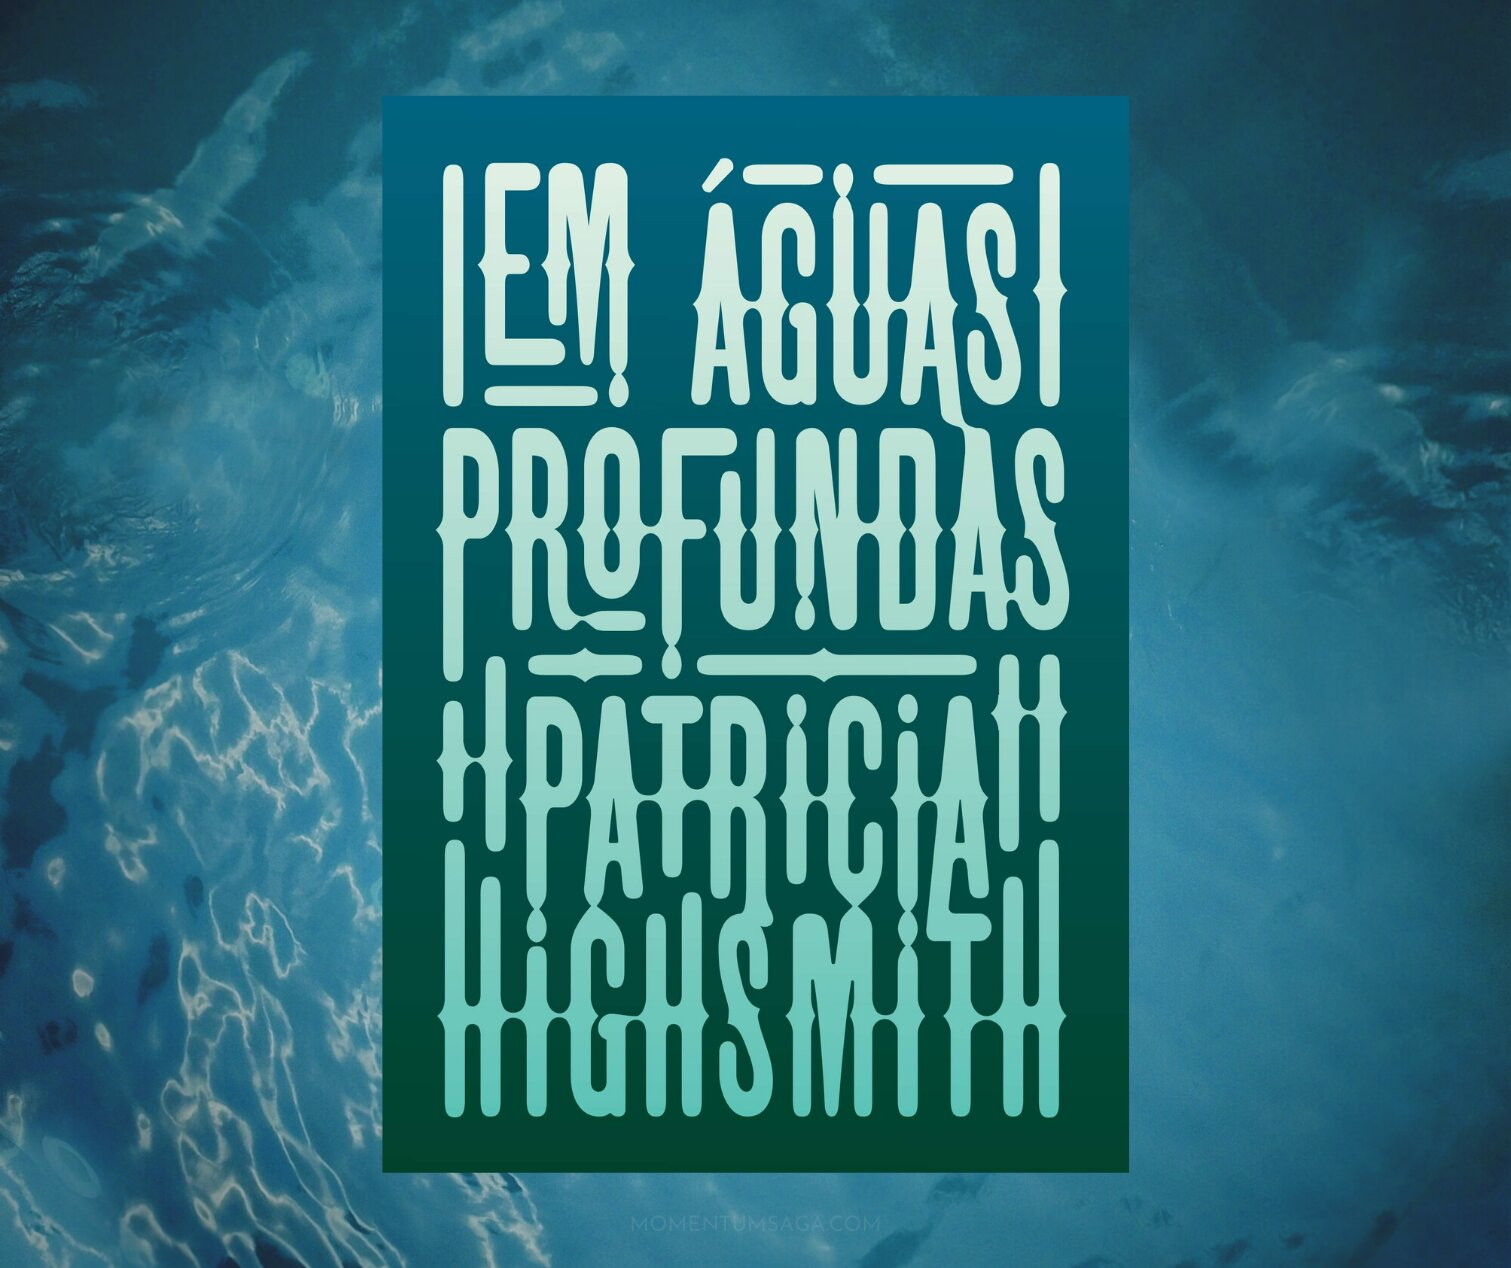 Resenha: Em Águas Profundas, de Patricia Highsmith